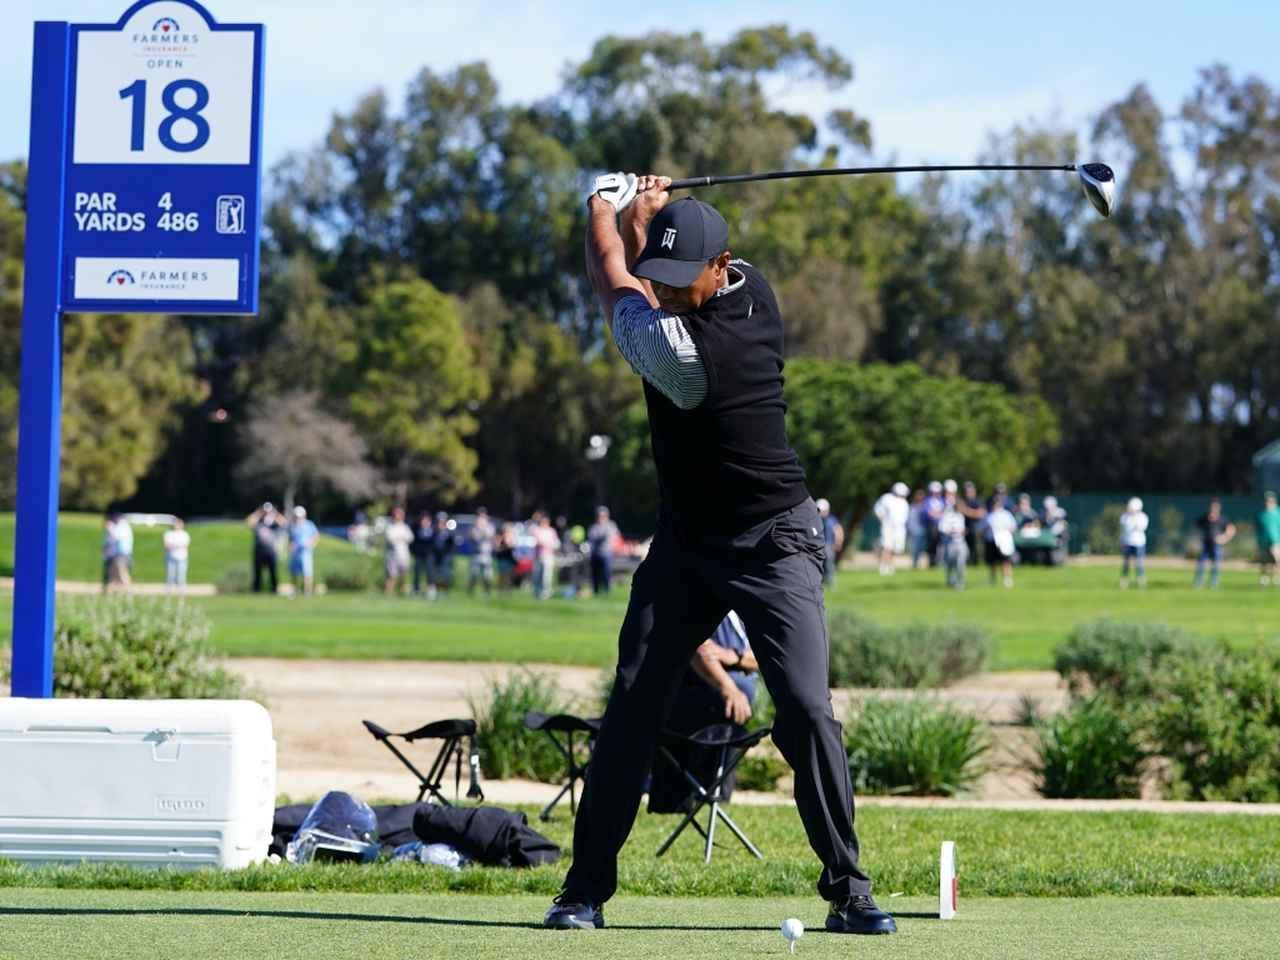 画像2: 【ギア研究】PGAツアートップ選手のレプリカドライバーを組んで打った。「運命のシャフトとヘッド」見つけ方